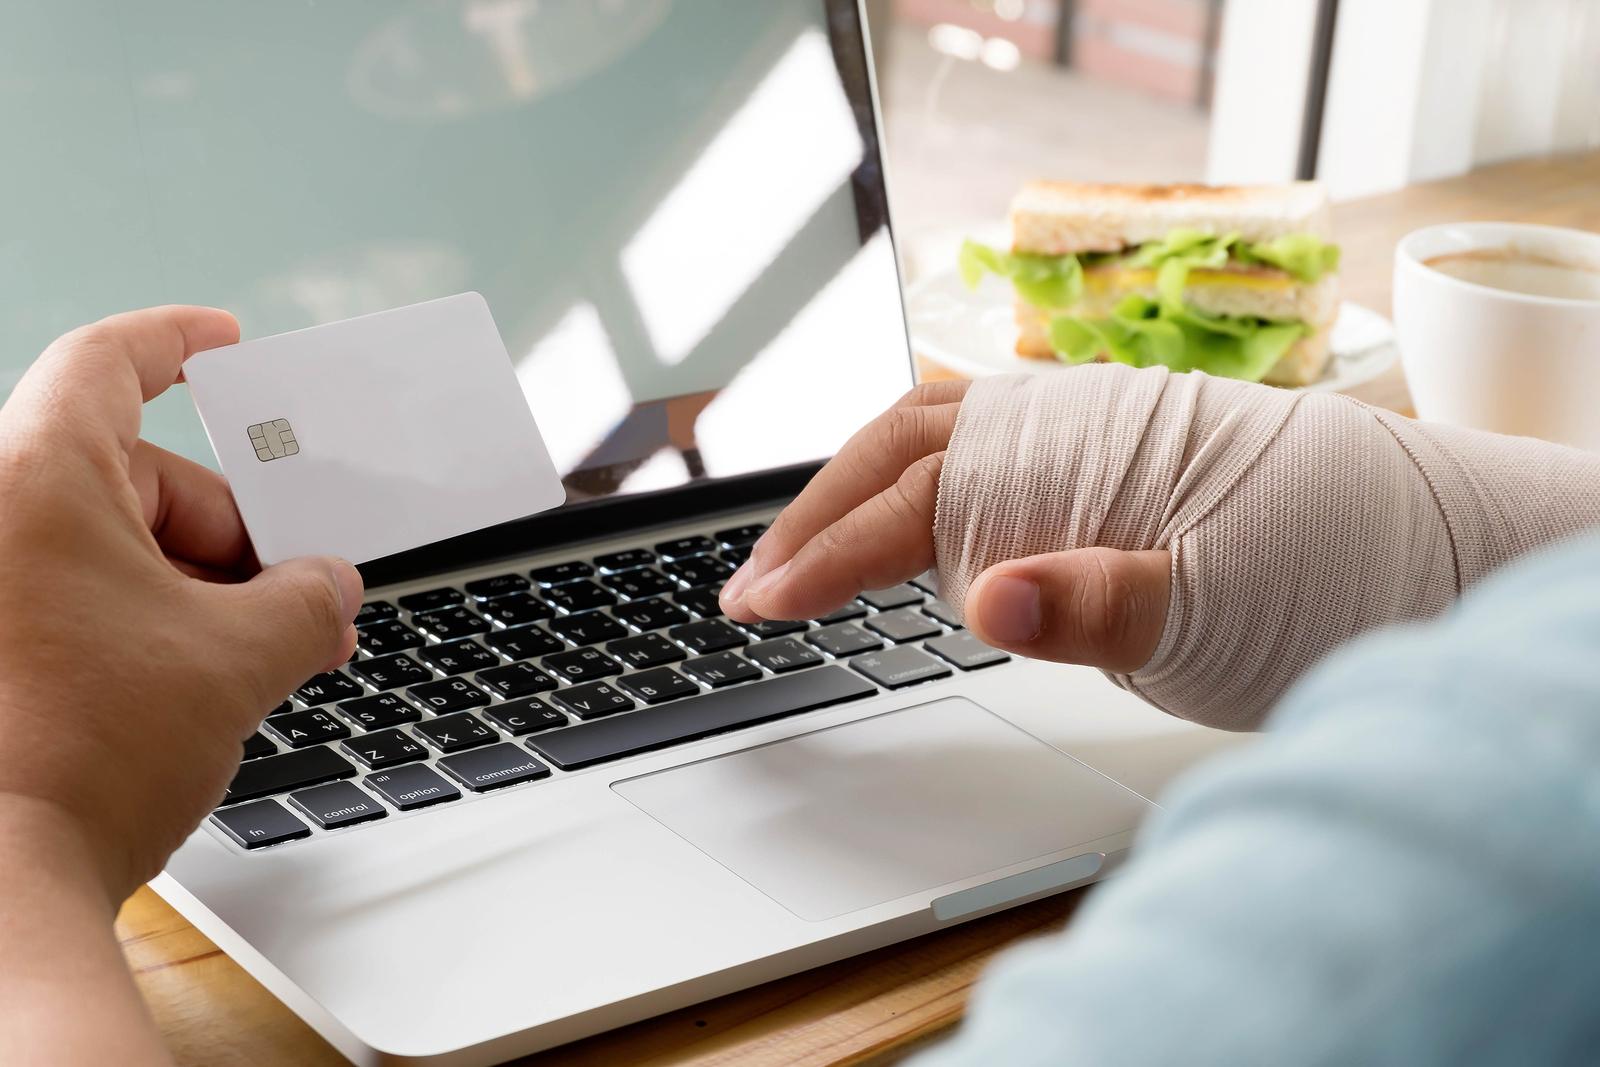 Unfallversicherung für fremde Rechnung - Adressat der Hinweise